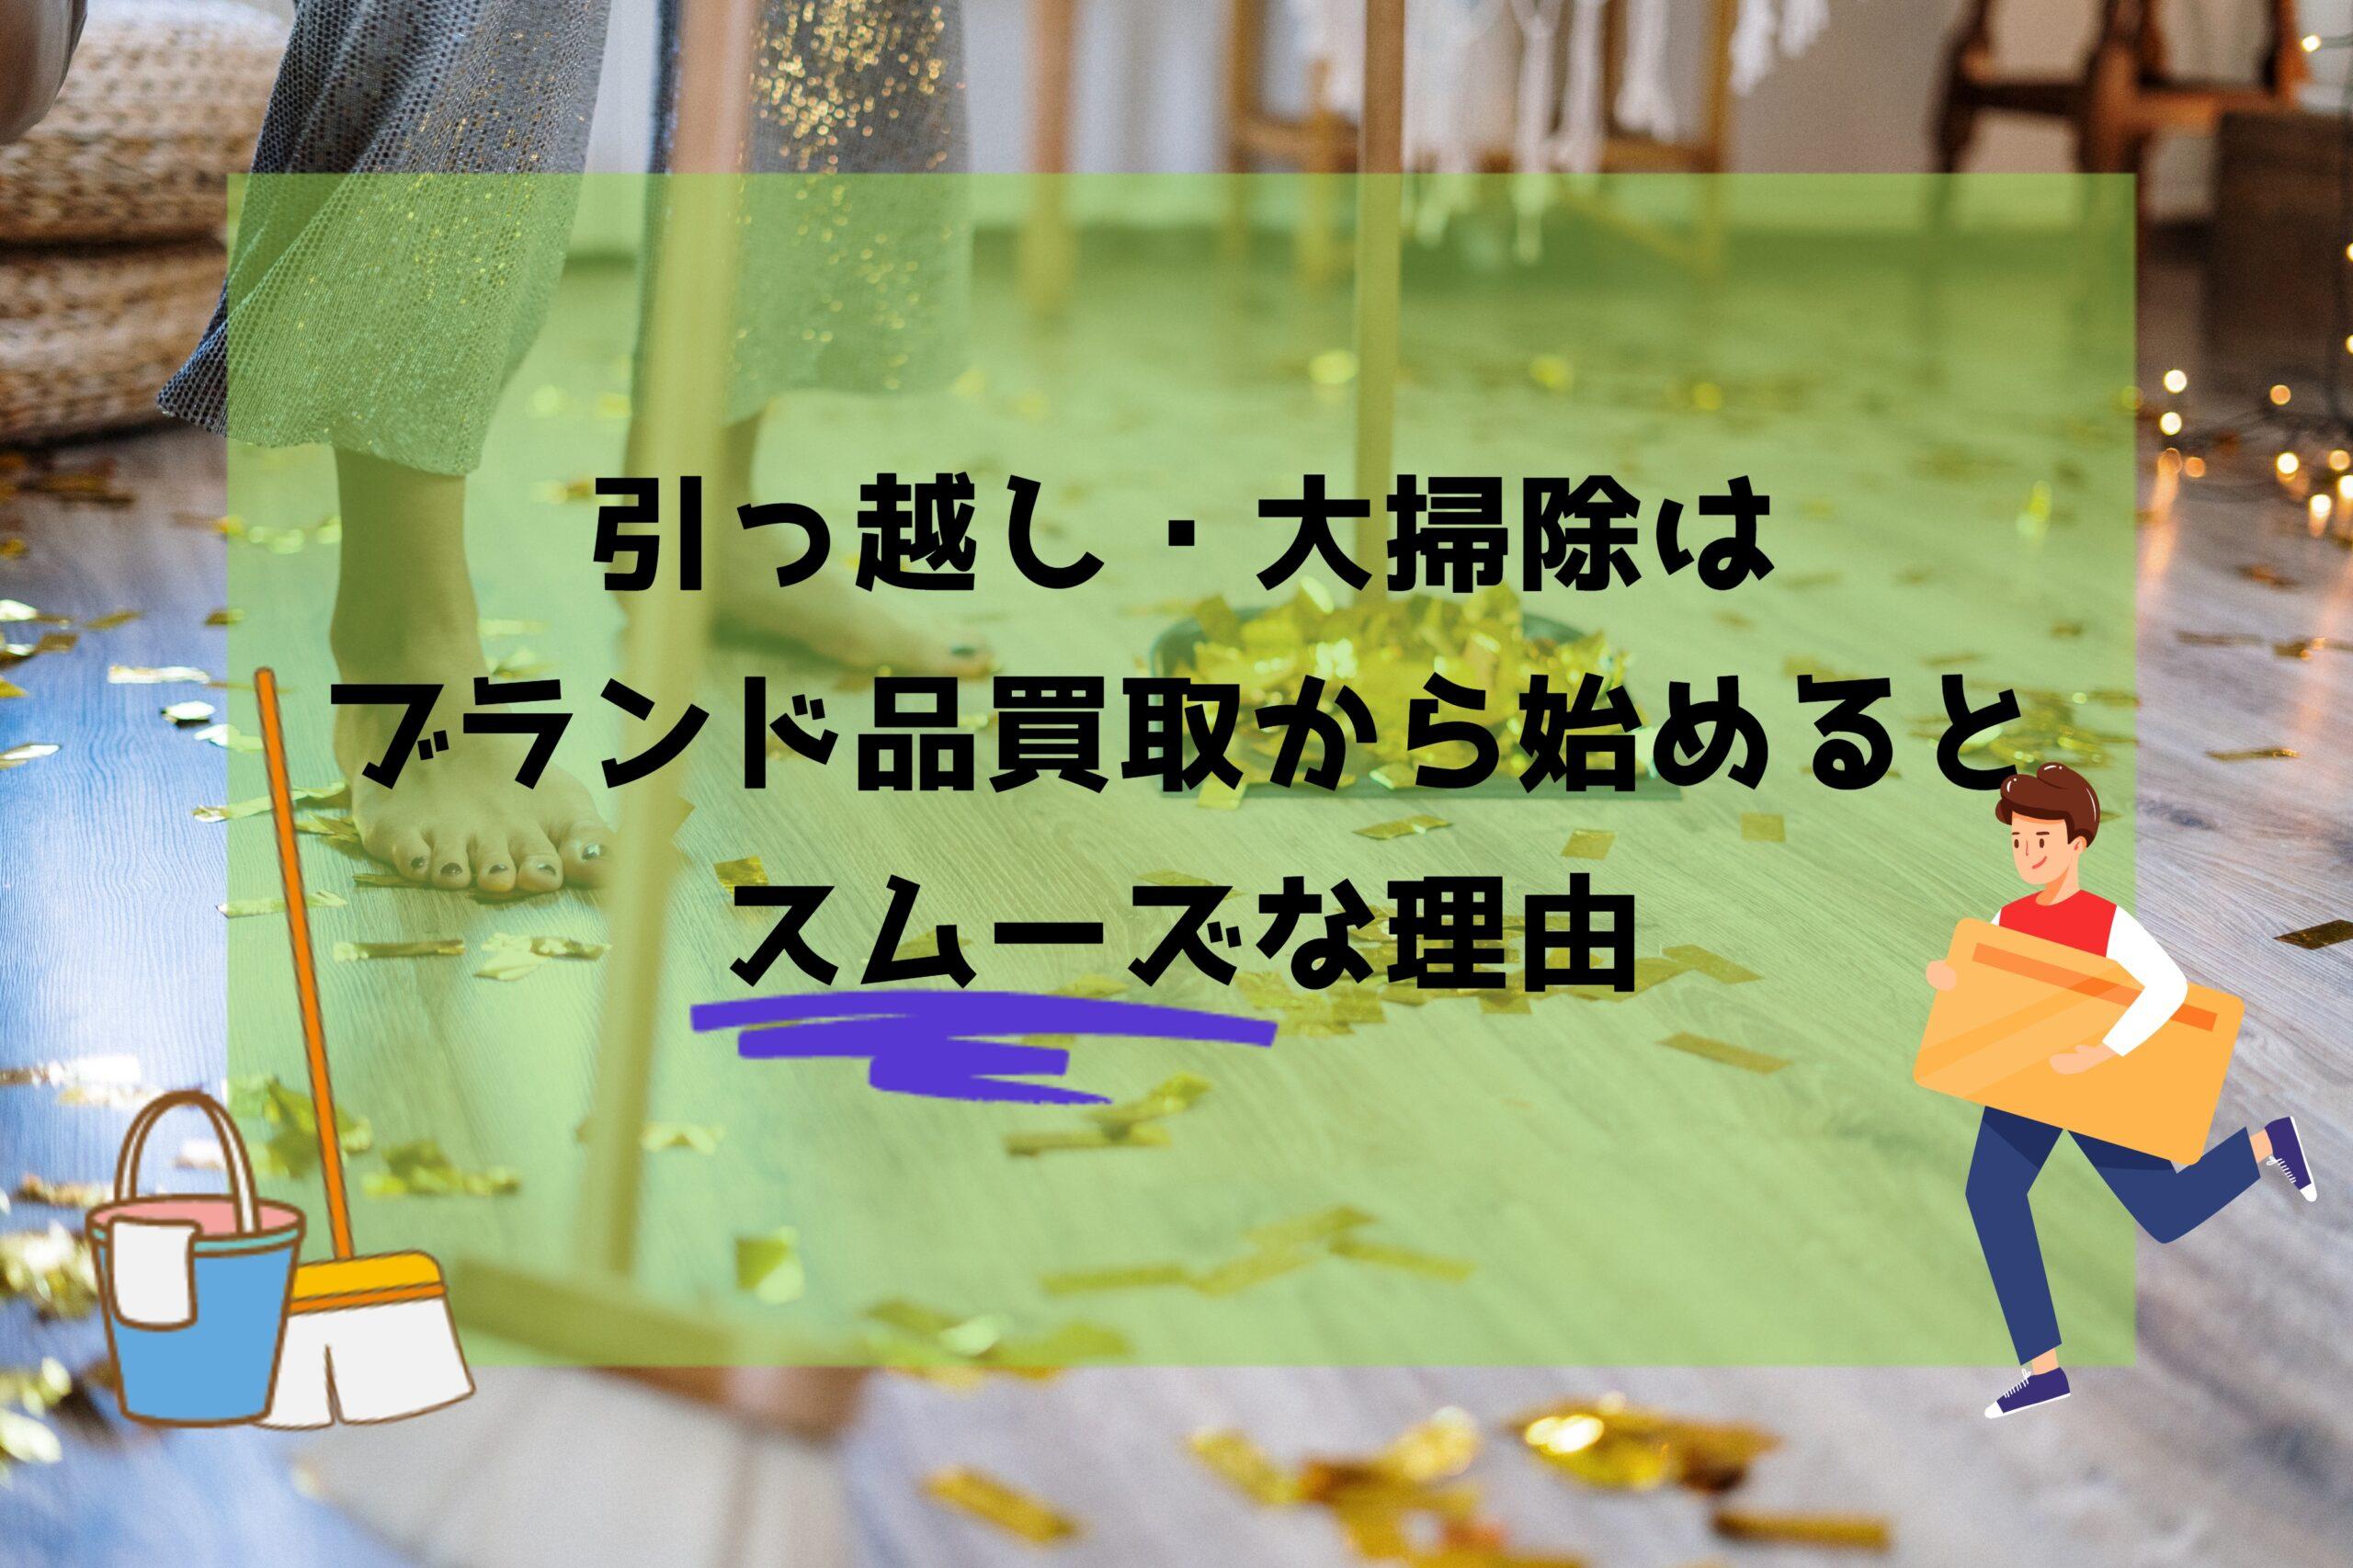 引っ越し・大掃除はブランド品買取から始めるとスムーズな理由